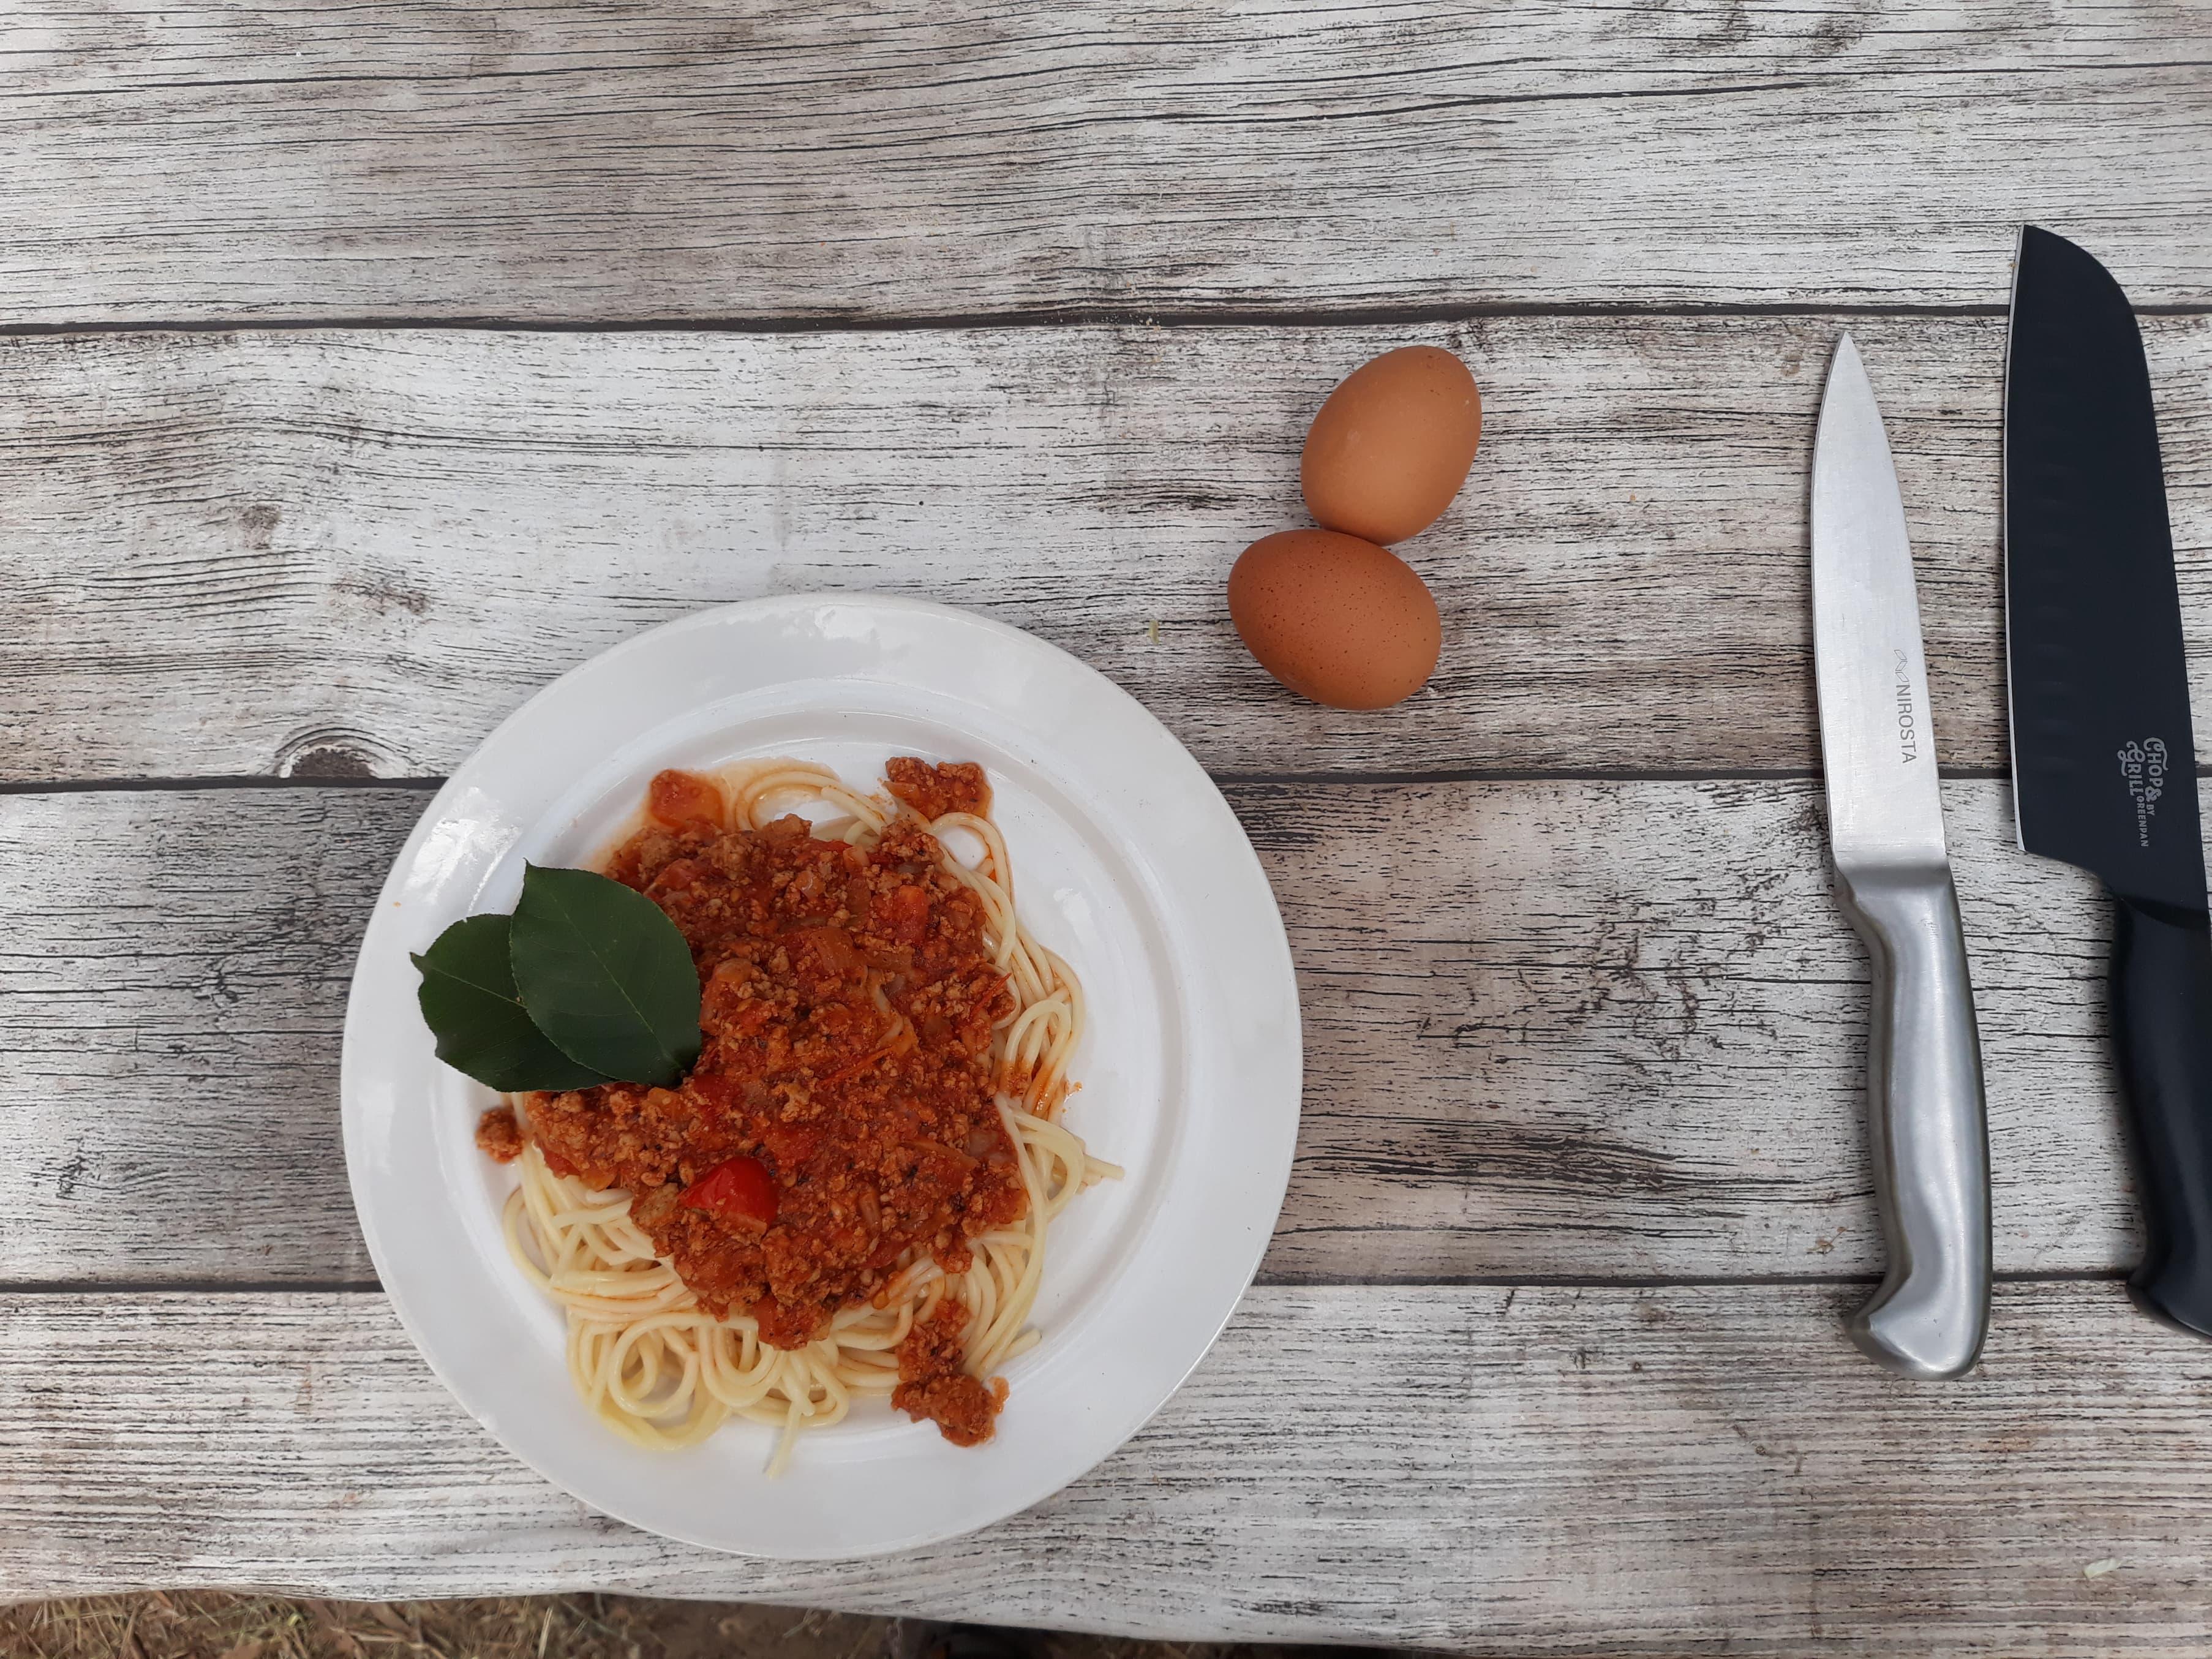 Jak szybko schudnąć? 7 kroków, aby zrzucić zbędne kilogramy po świątecznym obżarstwie | agdManiaK